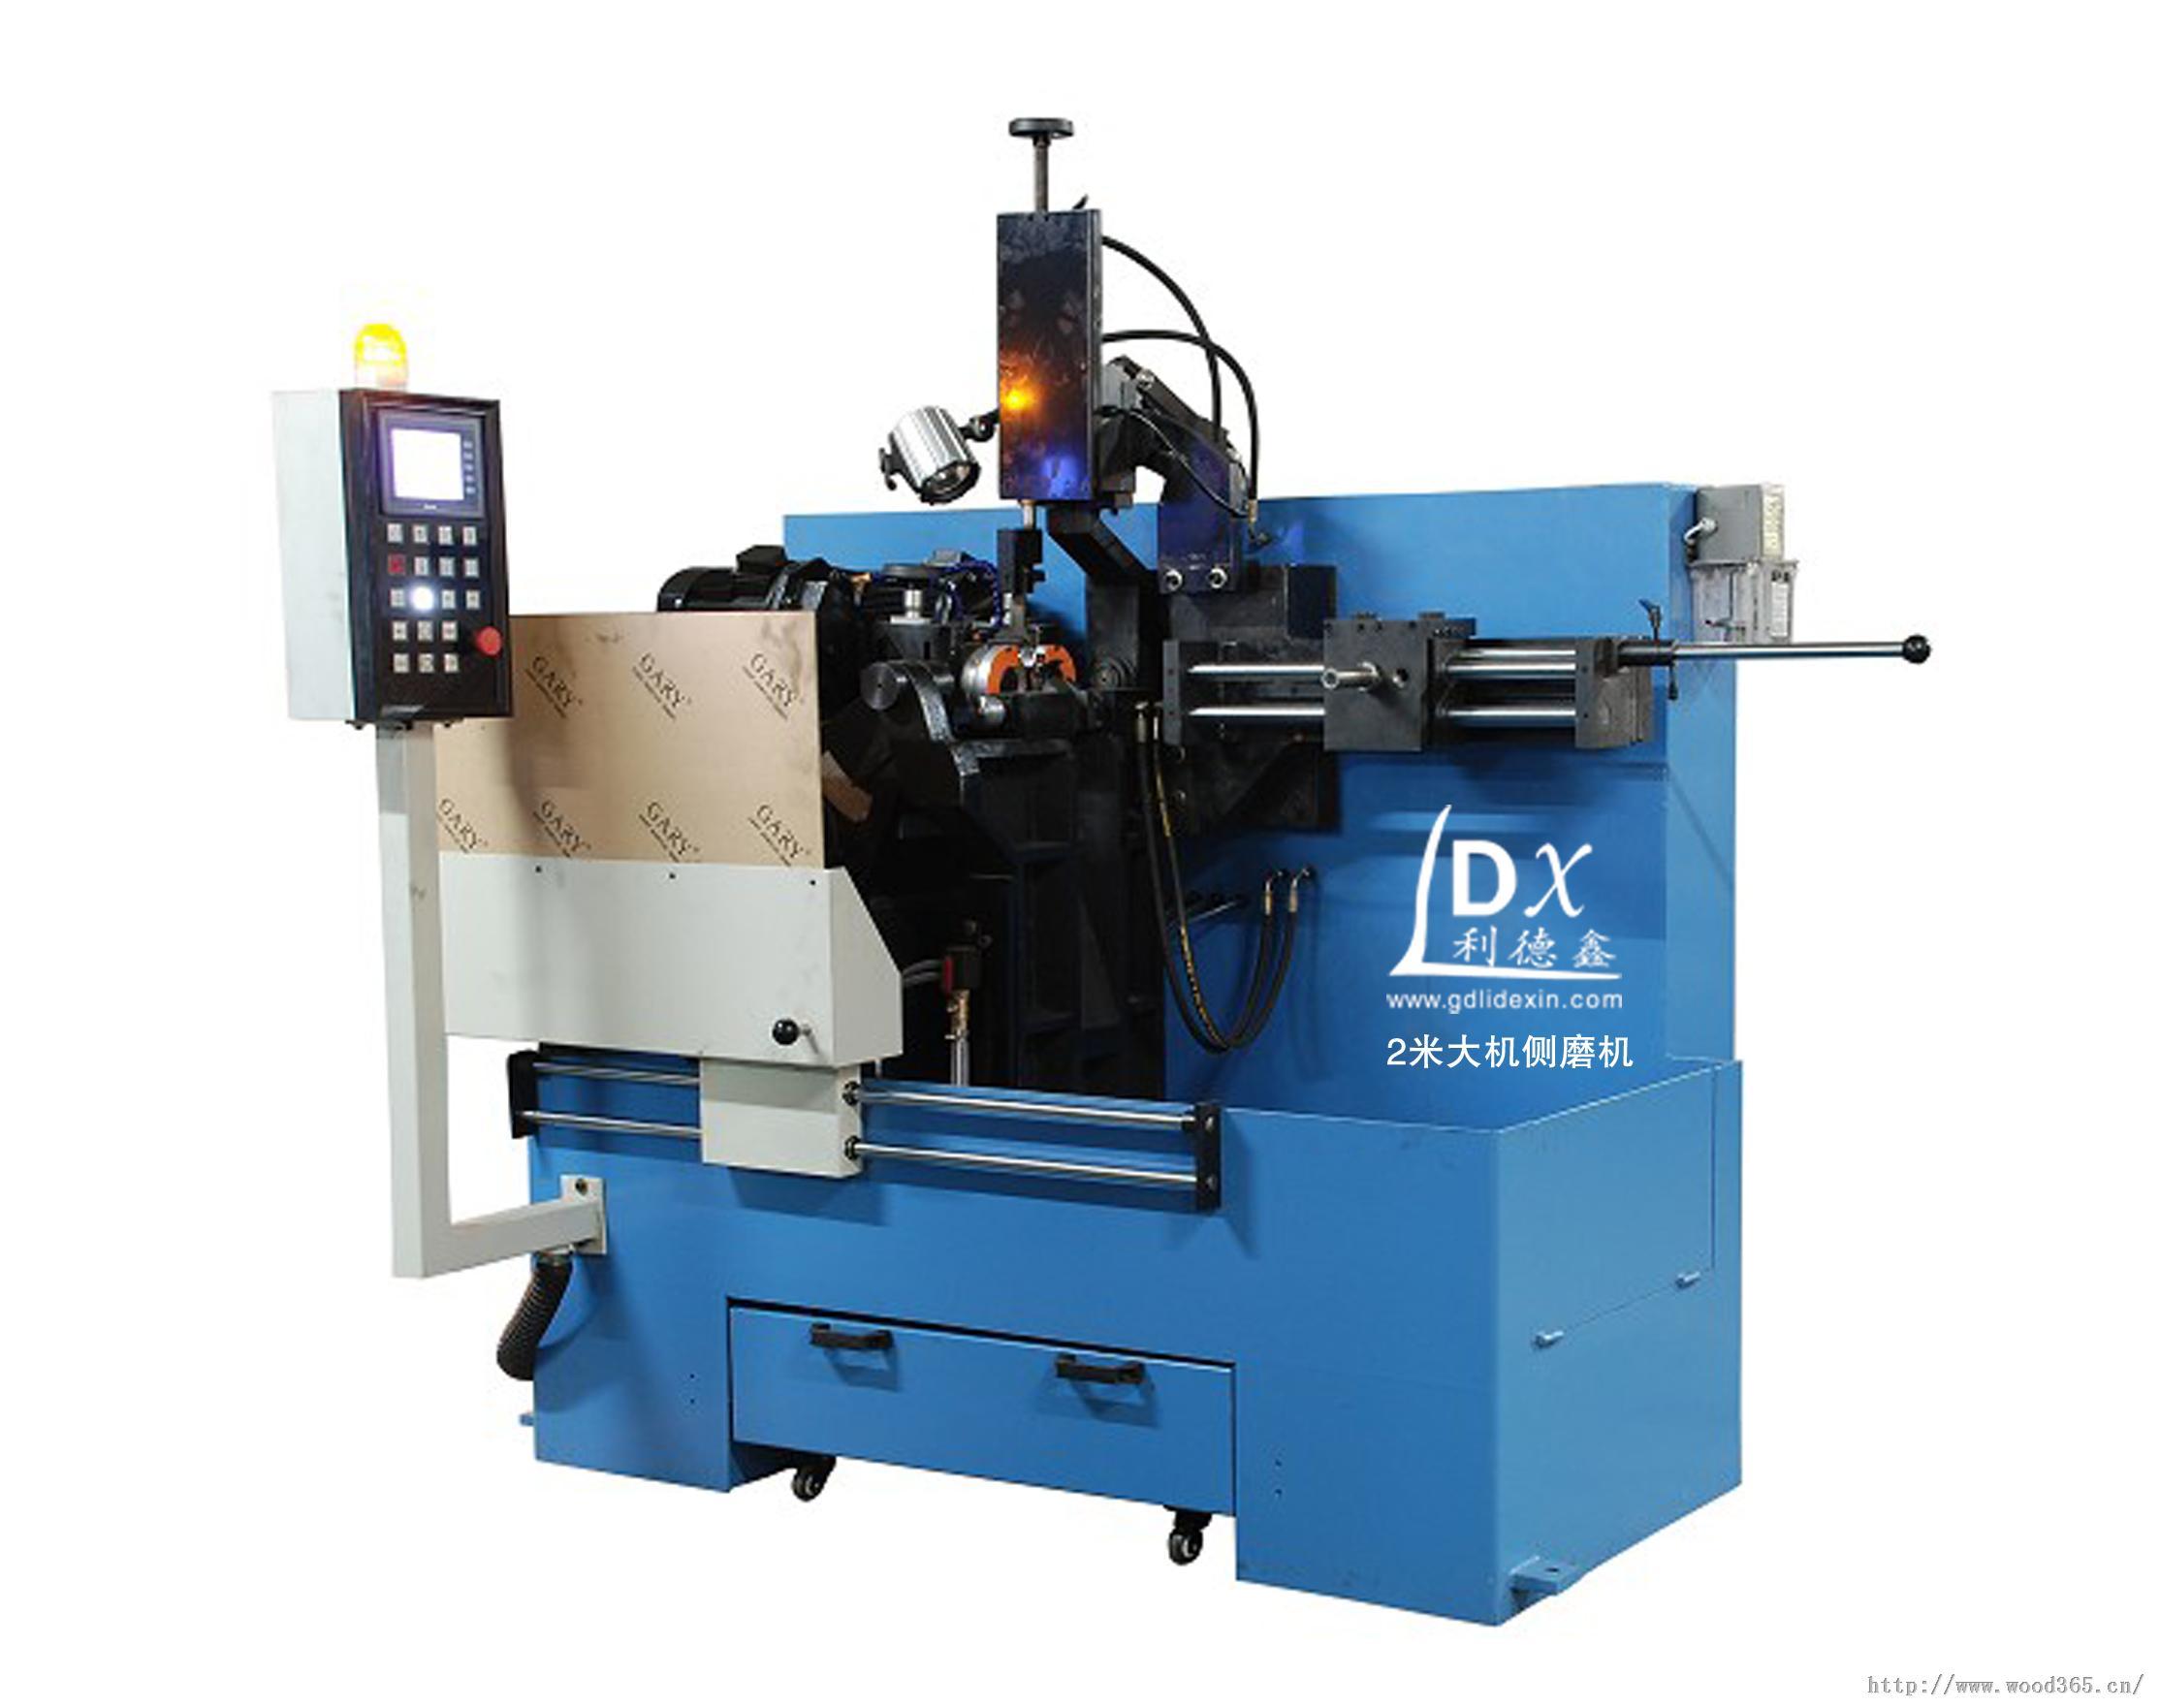 利德鑫 LDX-025自动合金圆锯片磨齿机全新高效率数控研磨机